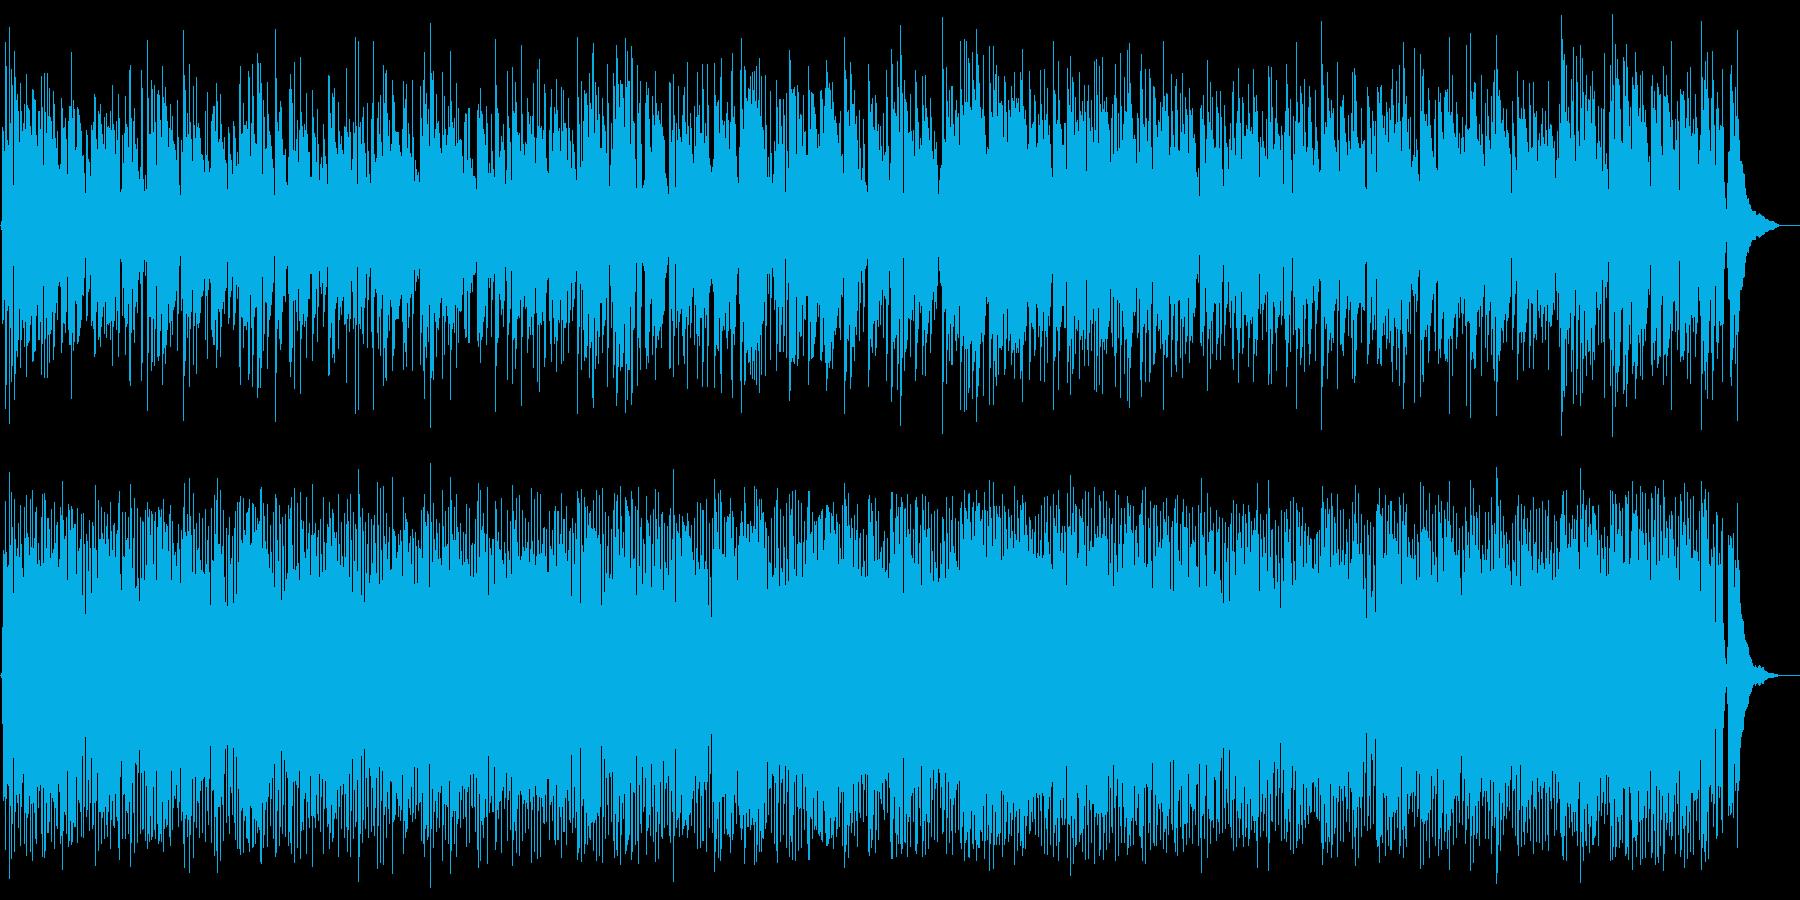 愛の夢第3番(F.リスト)Jazzの再生済みの波形